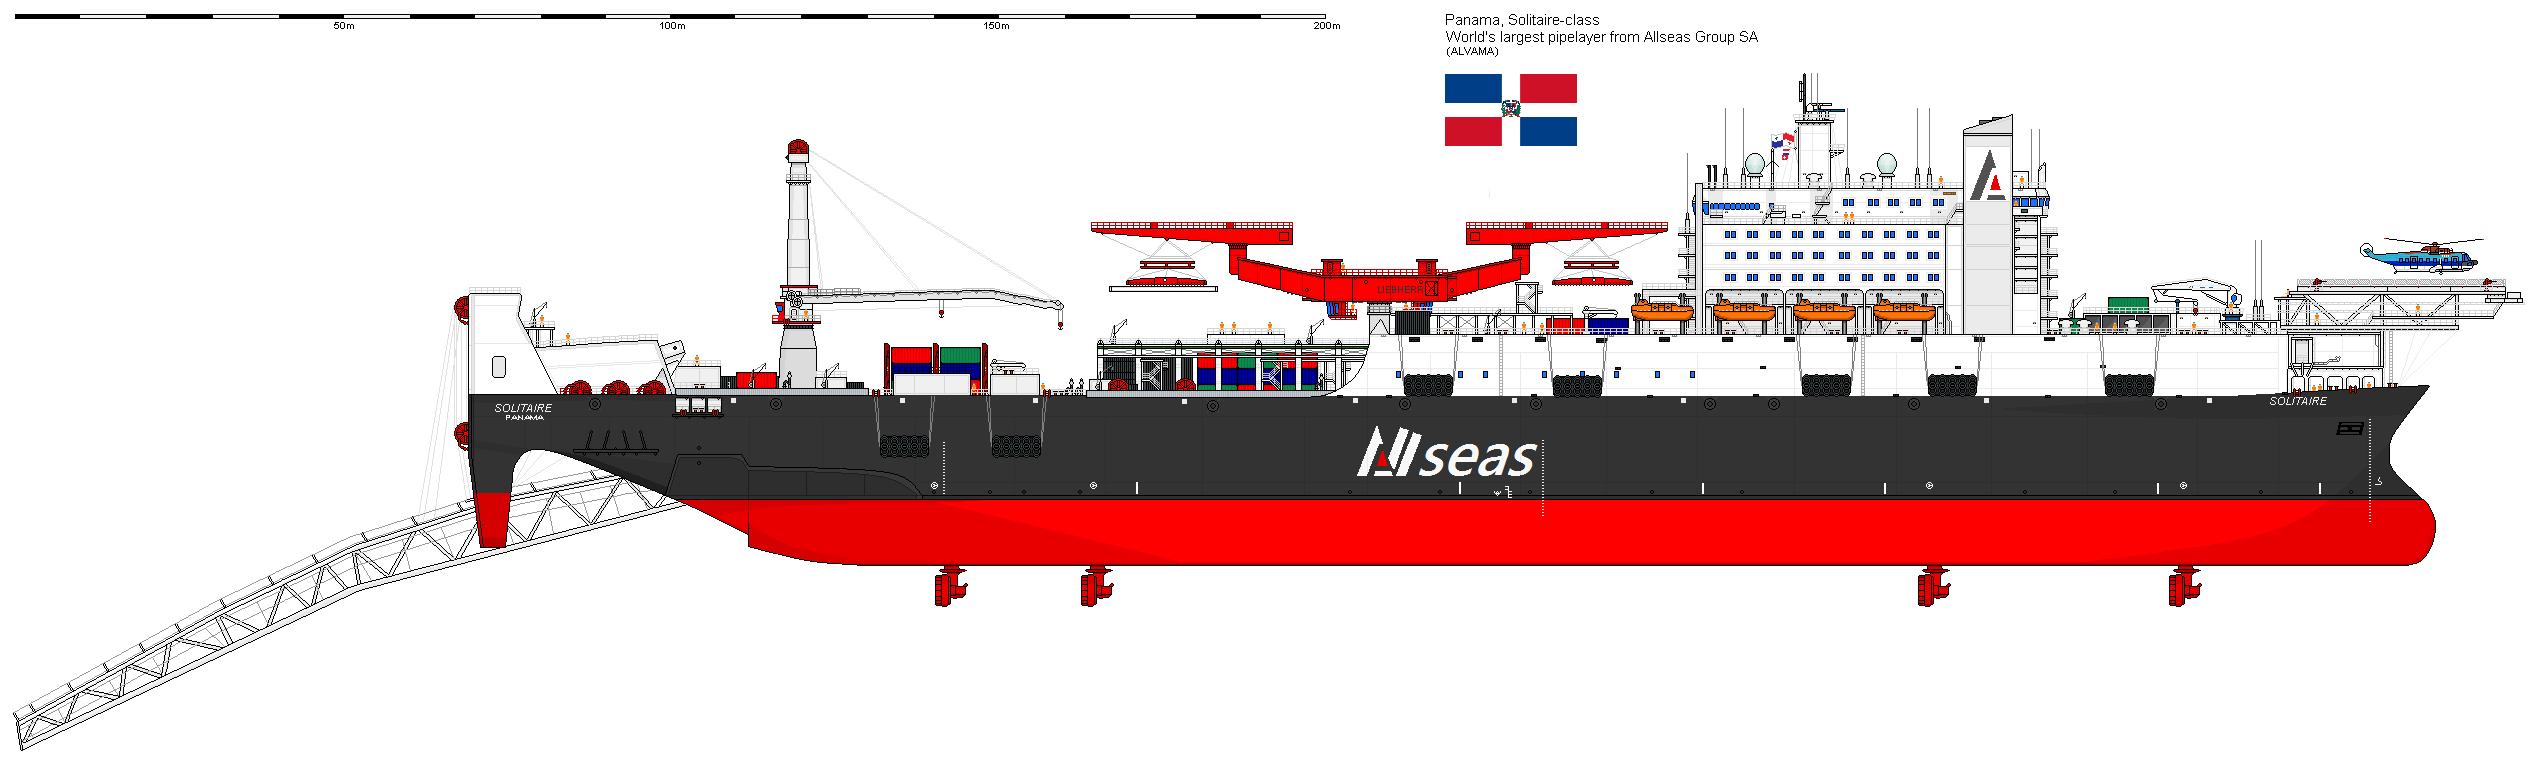 Art culo dise os de barcos reales y con escala mundo exportar noticias comercio exterior - Diseno de contenedores ...